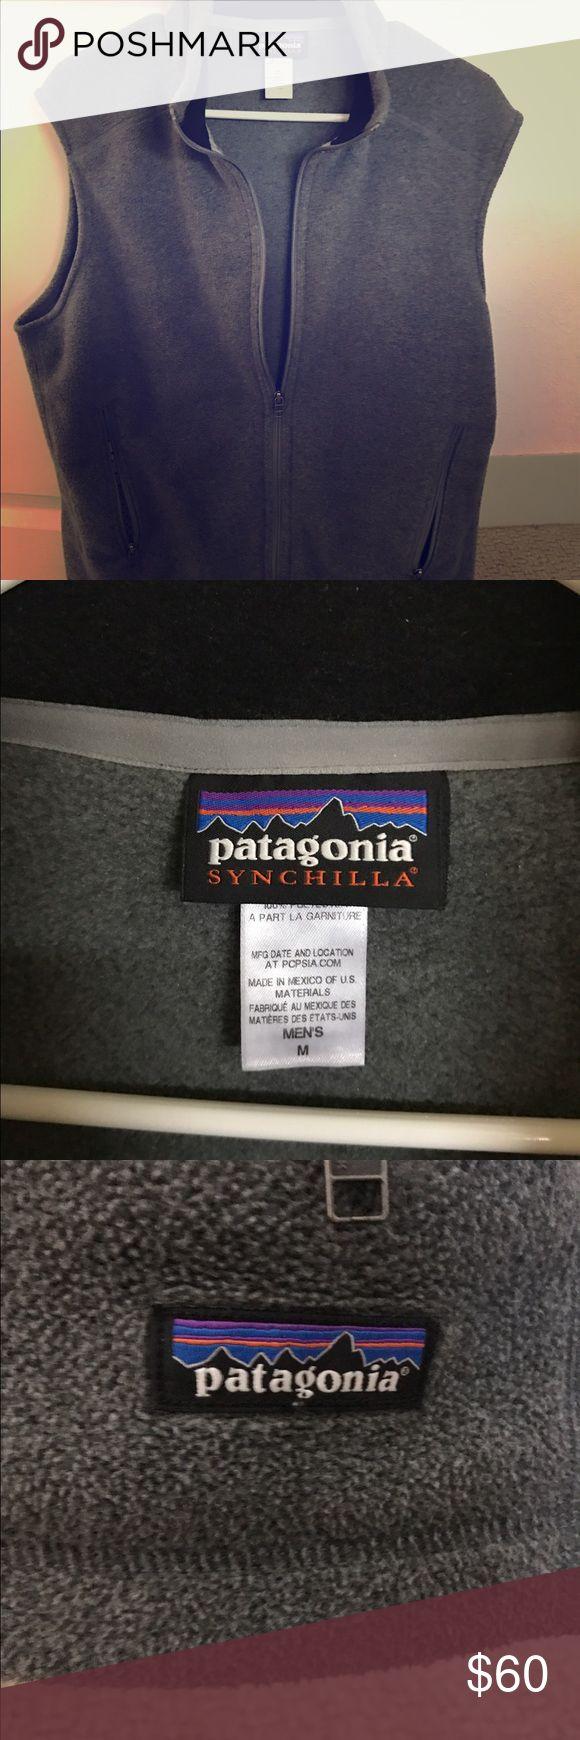 Patagonia Men's fleece vest Men's grey Patagonia fleece vest Patagonia Sweaters Zip Up